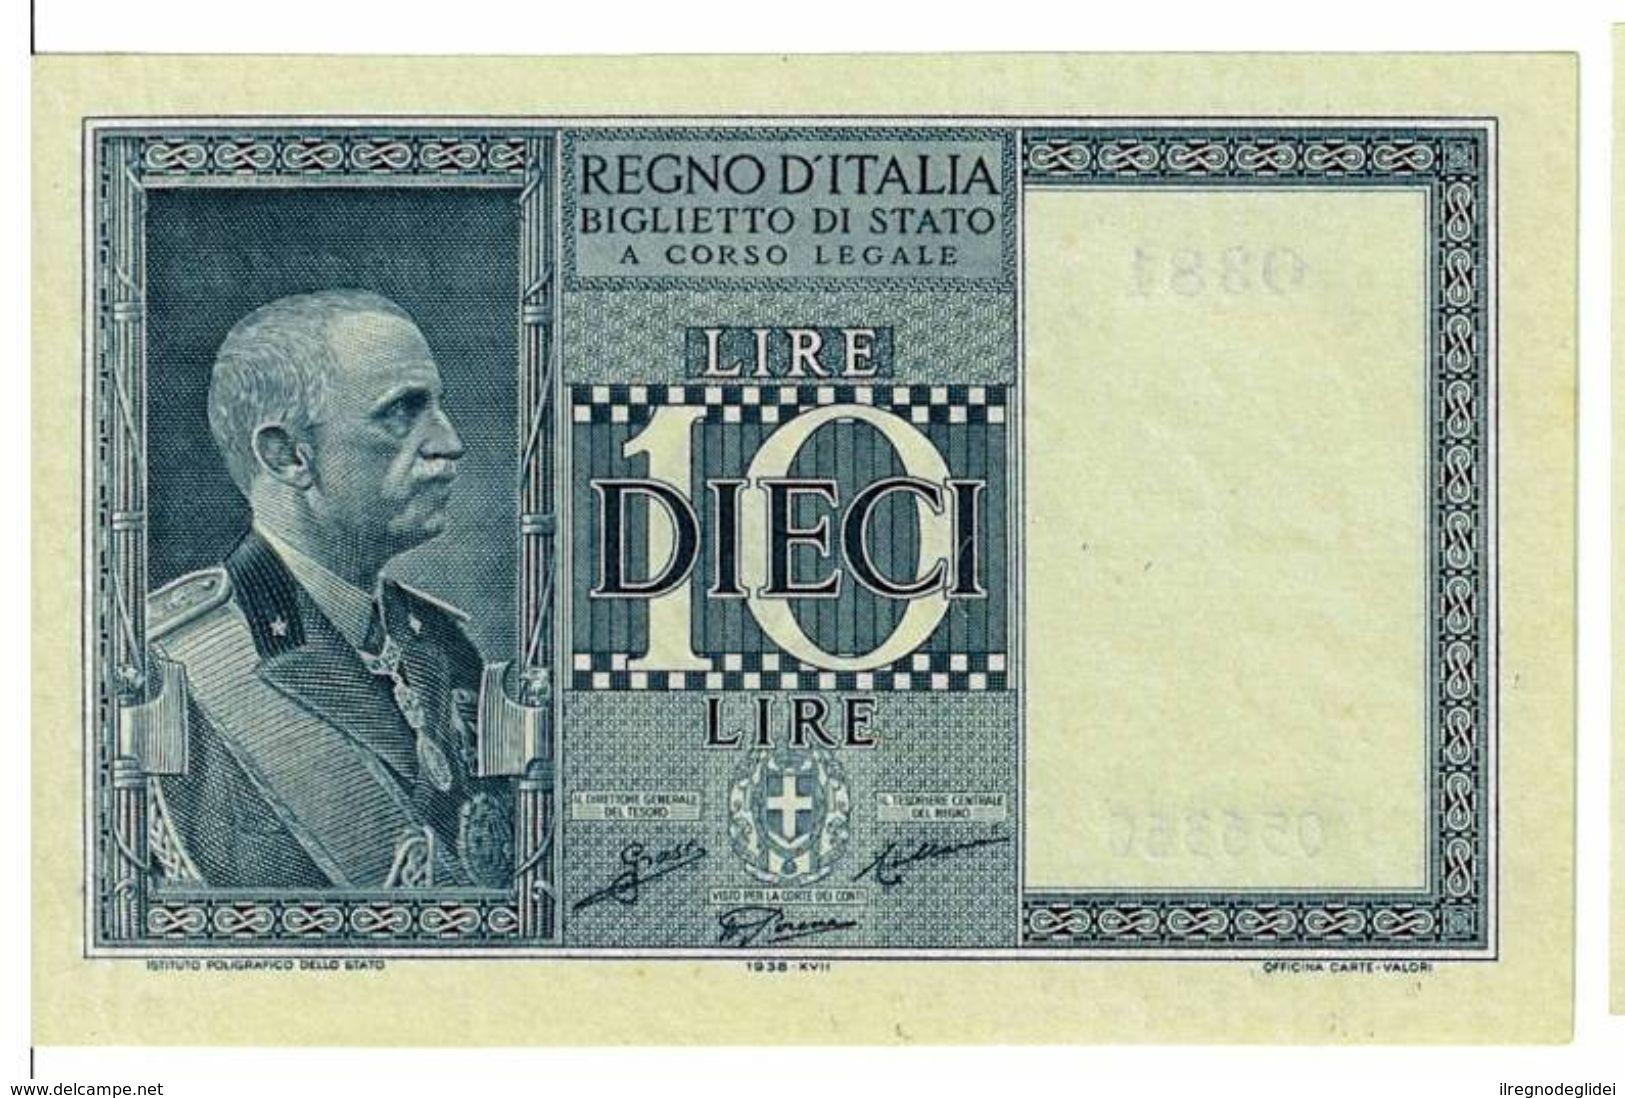 REGNO D'ITALIA - 10 LIRE IMPERO - DECRETO 1938 XVII - FIOR DI STAMPA - GRASSI,COLLARI,PORENA - 0381 - 056357 - Italia – 10 Lire